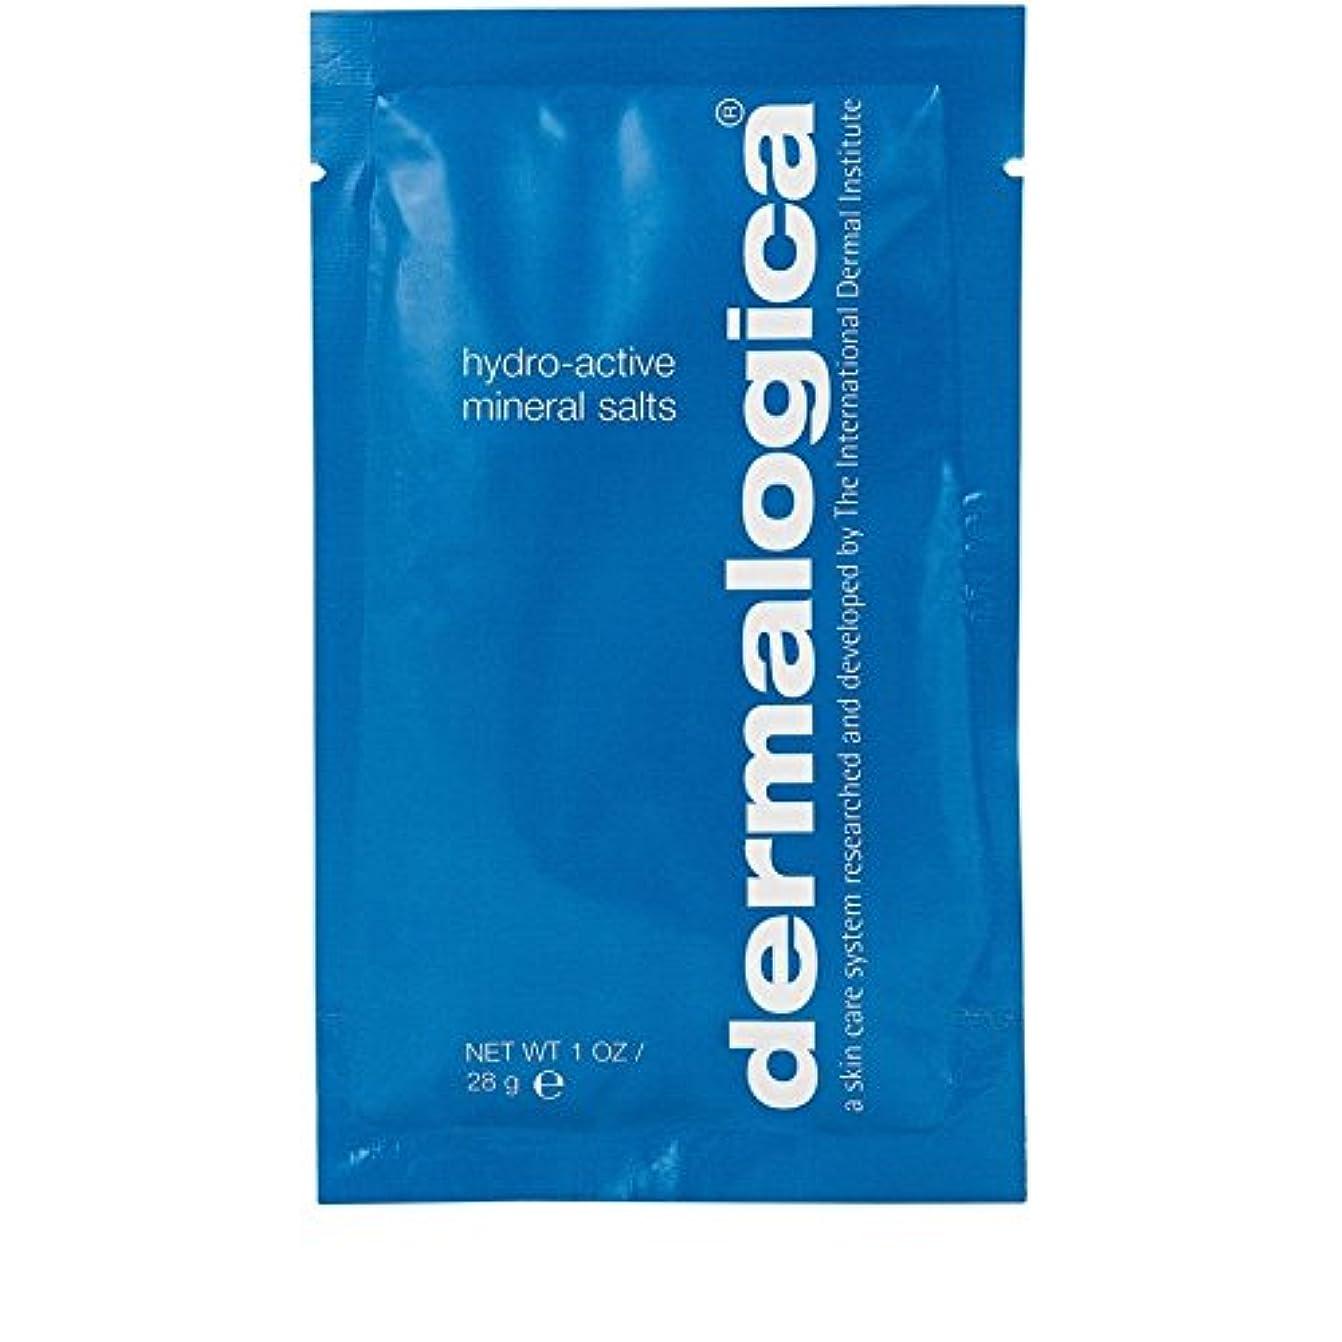 コック公園人間ダーマロジカ水力アクティブミネラル塩28グラム x2 - Dermalogica Hydro Active Mineral Salt 28g (Pack of 2) [並行輸入品]